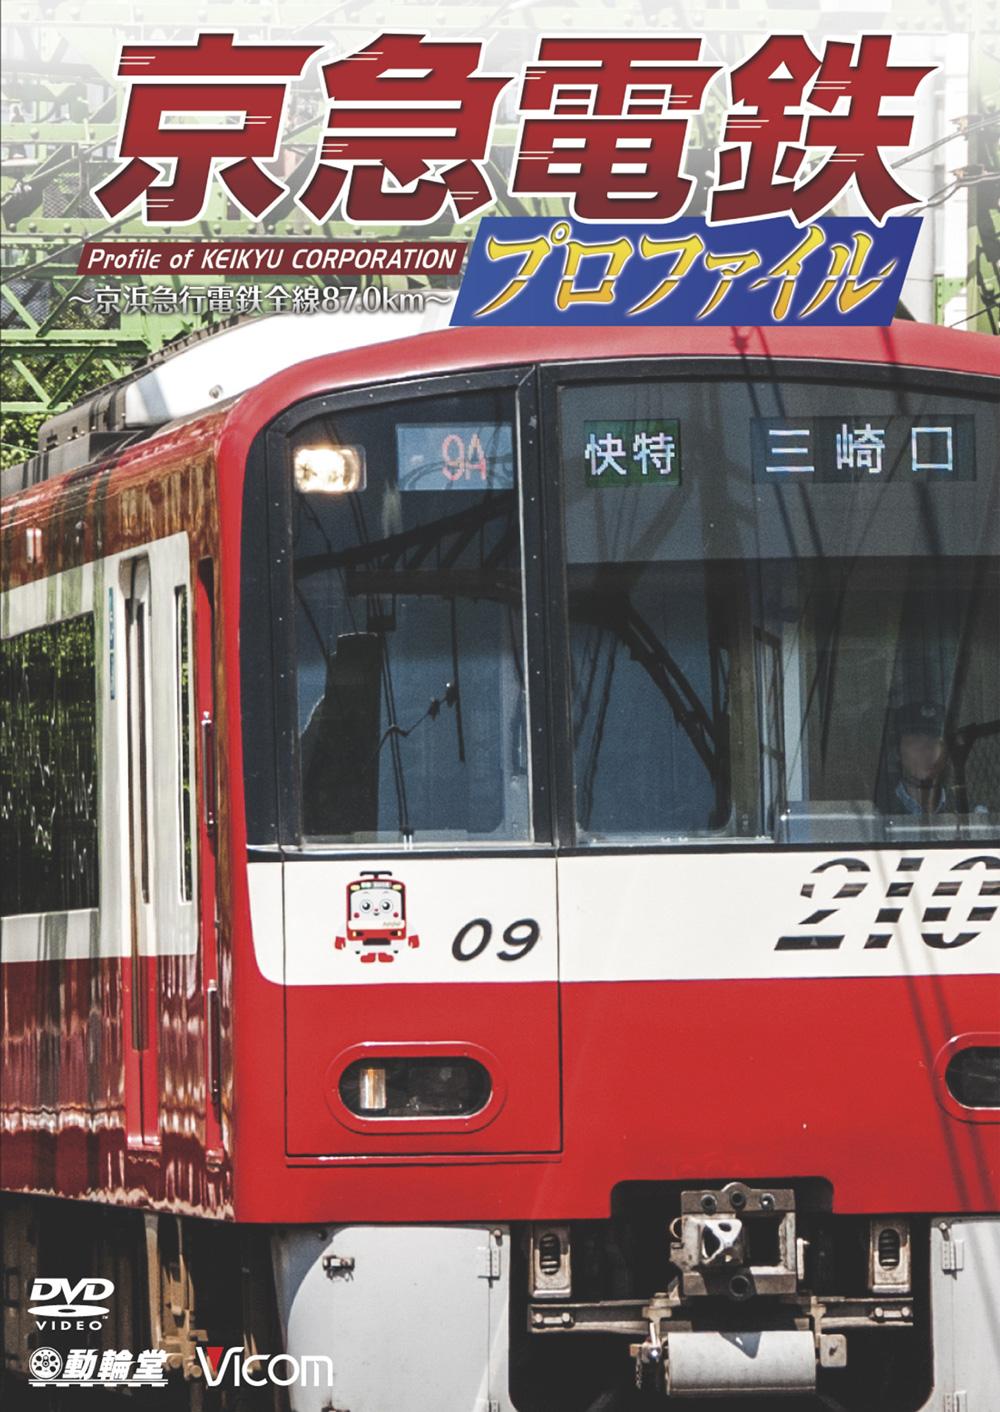 京急電鉄プロファイル〜京浜急行電鉄全線87.0km〜DVD版【2016年12月21日発売】